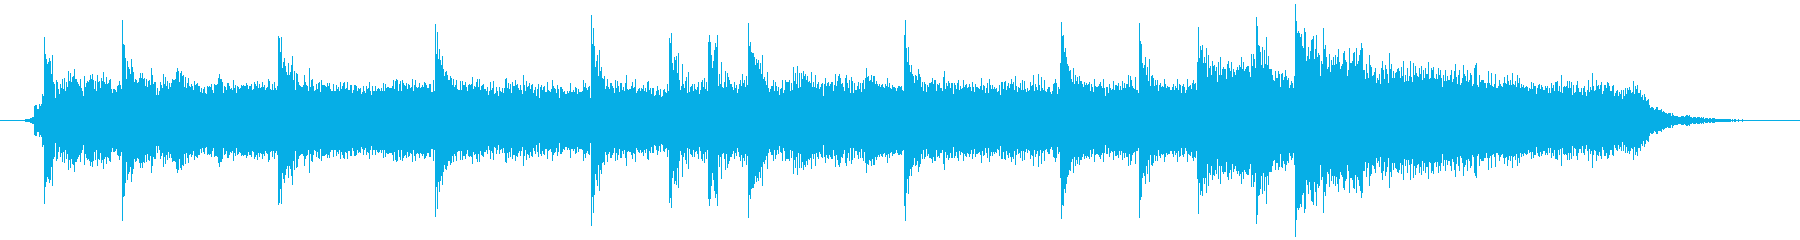 ロック系のジングルです。の再生済みの波形